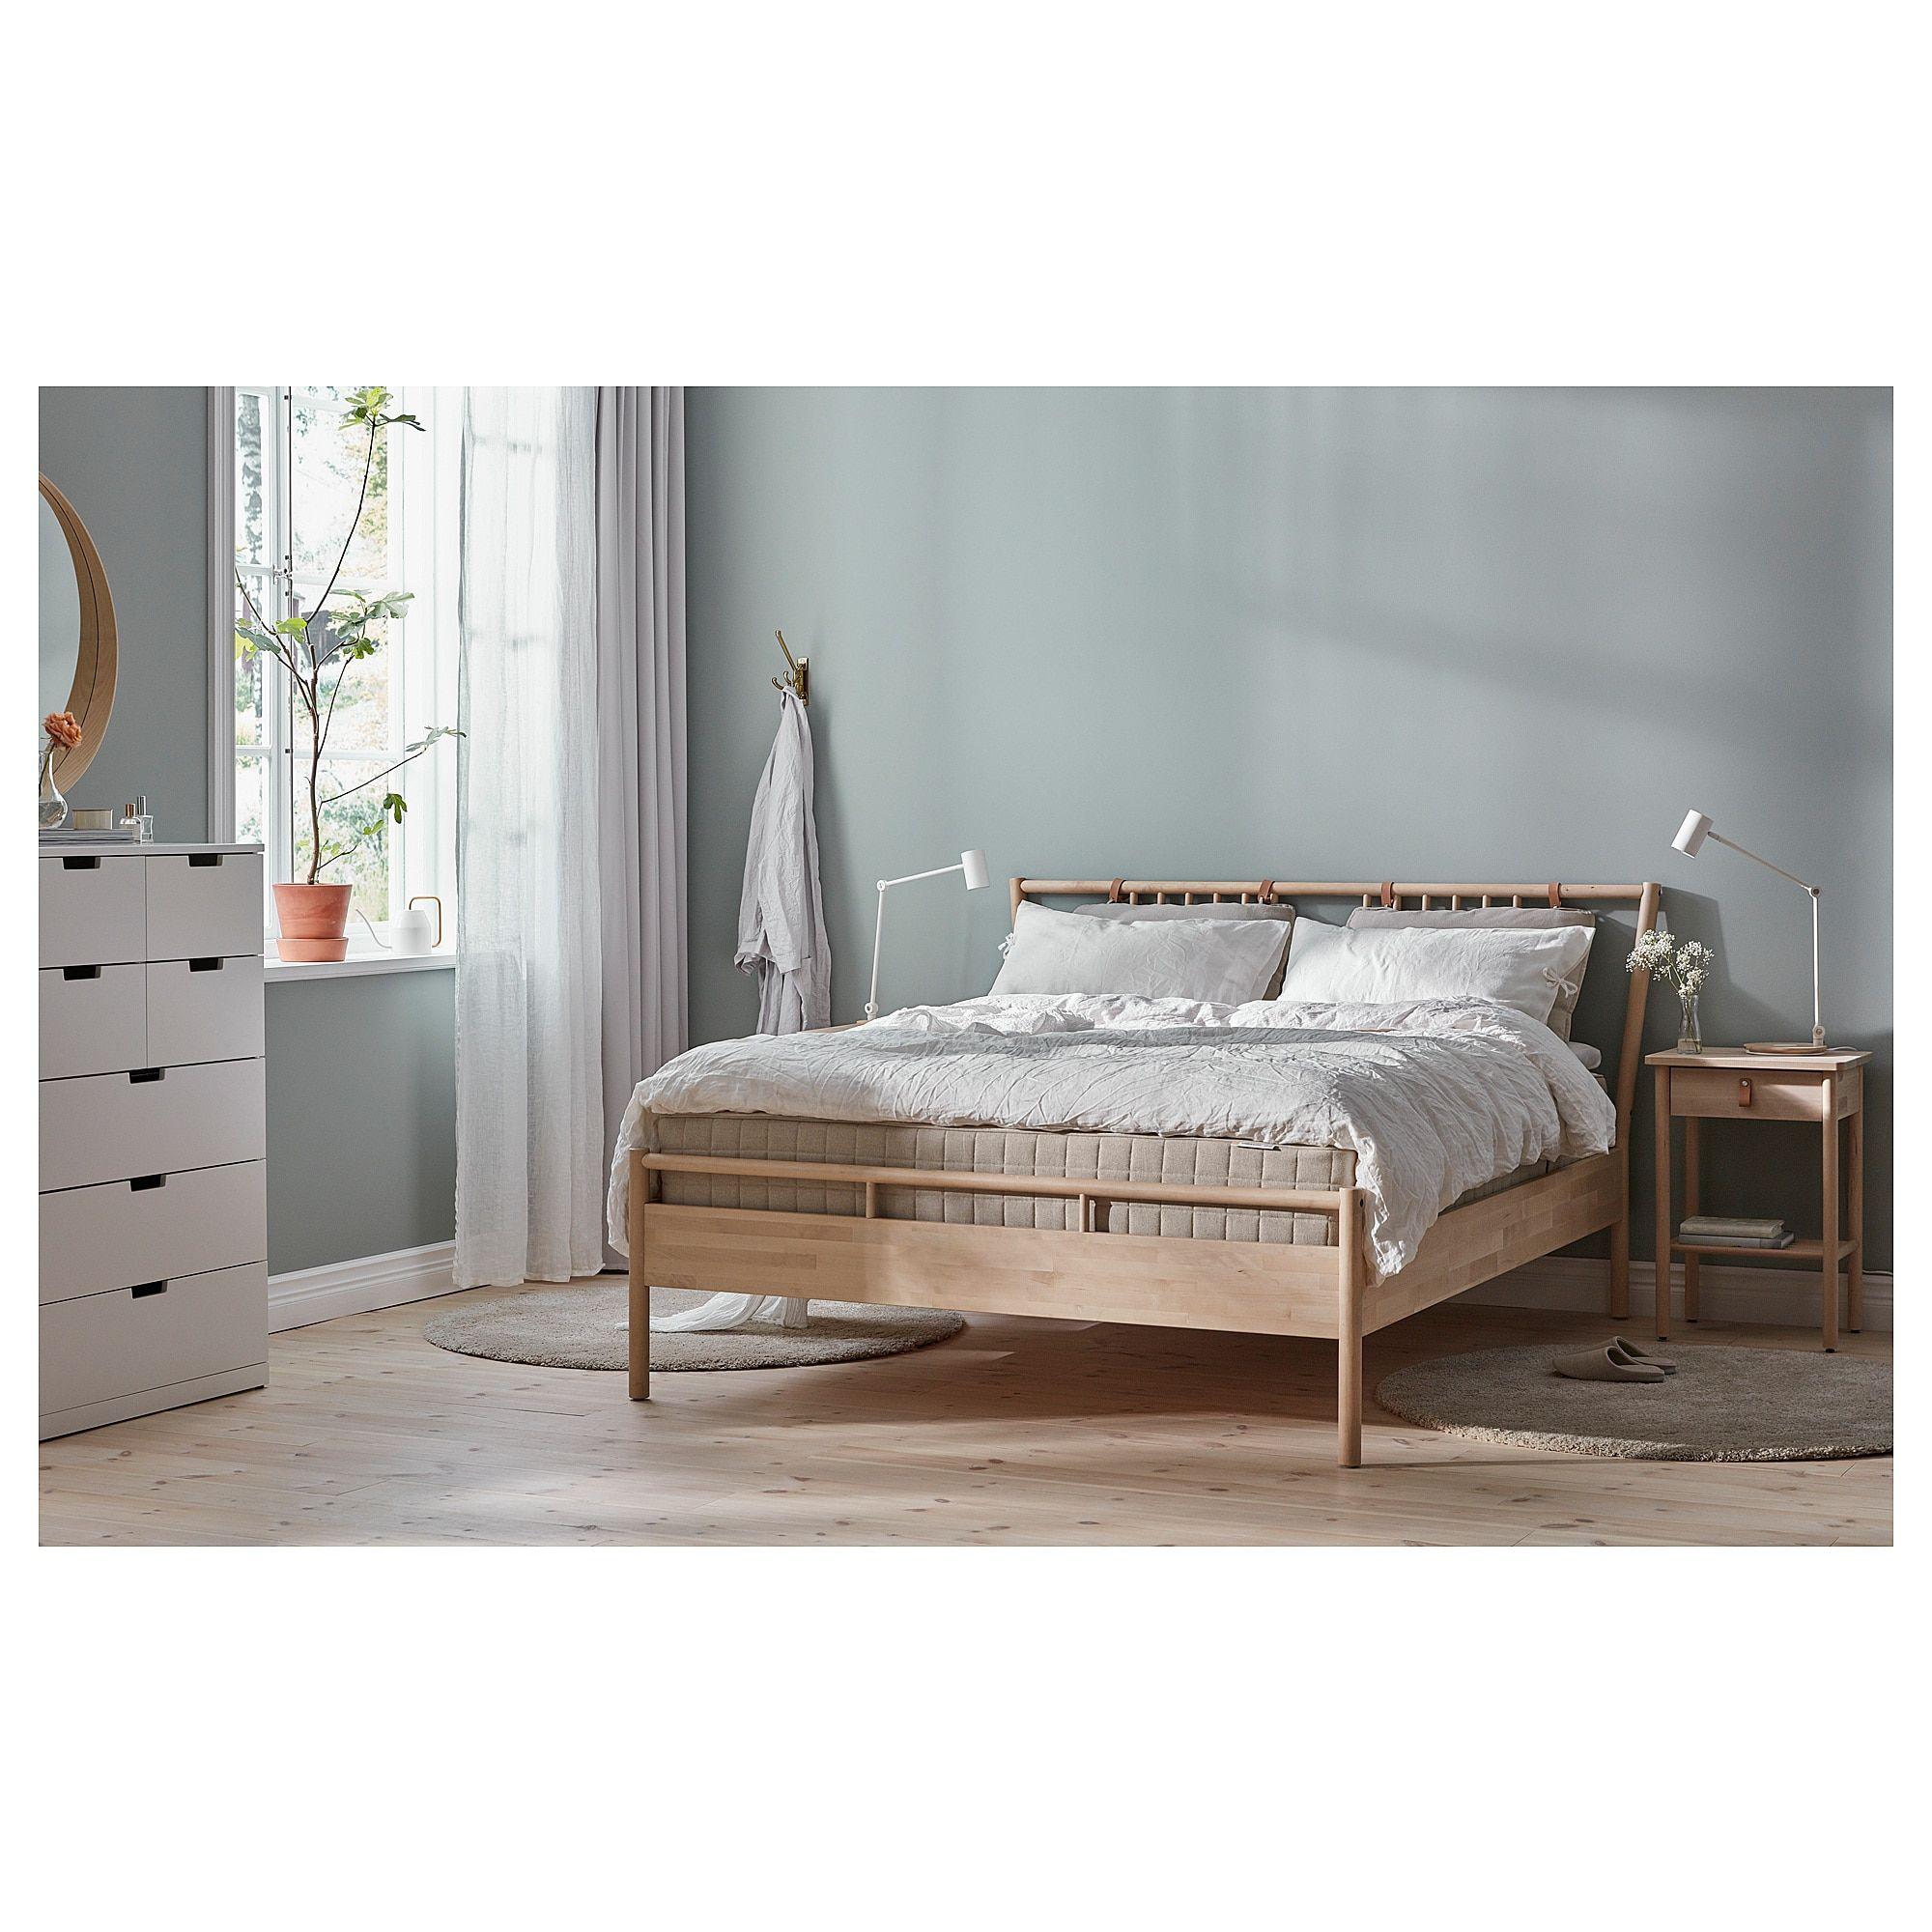 Bjorksnas Bed Frame Birch Luroy King Bed Frame Bed Slats